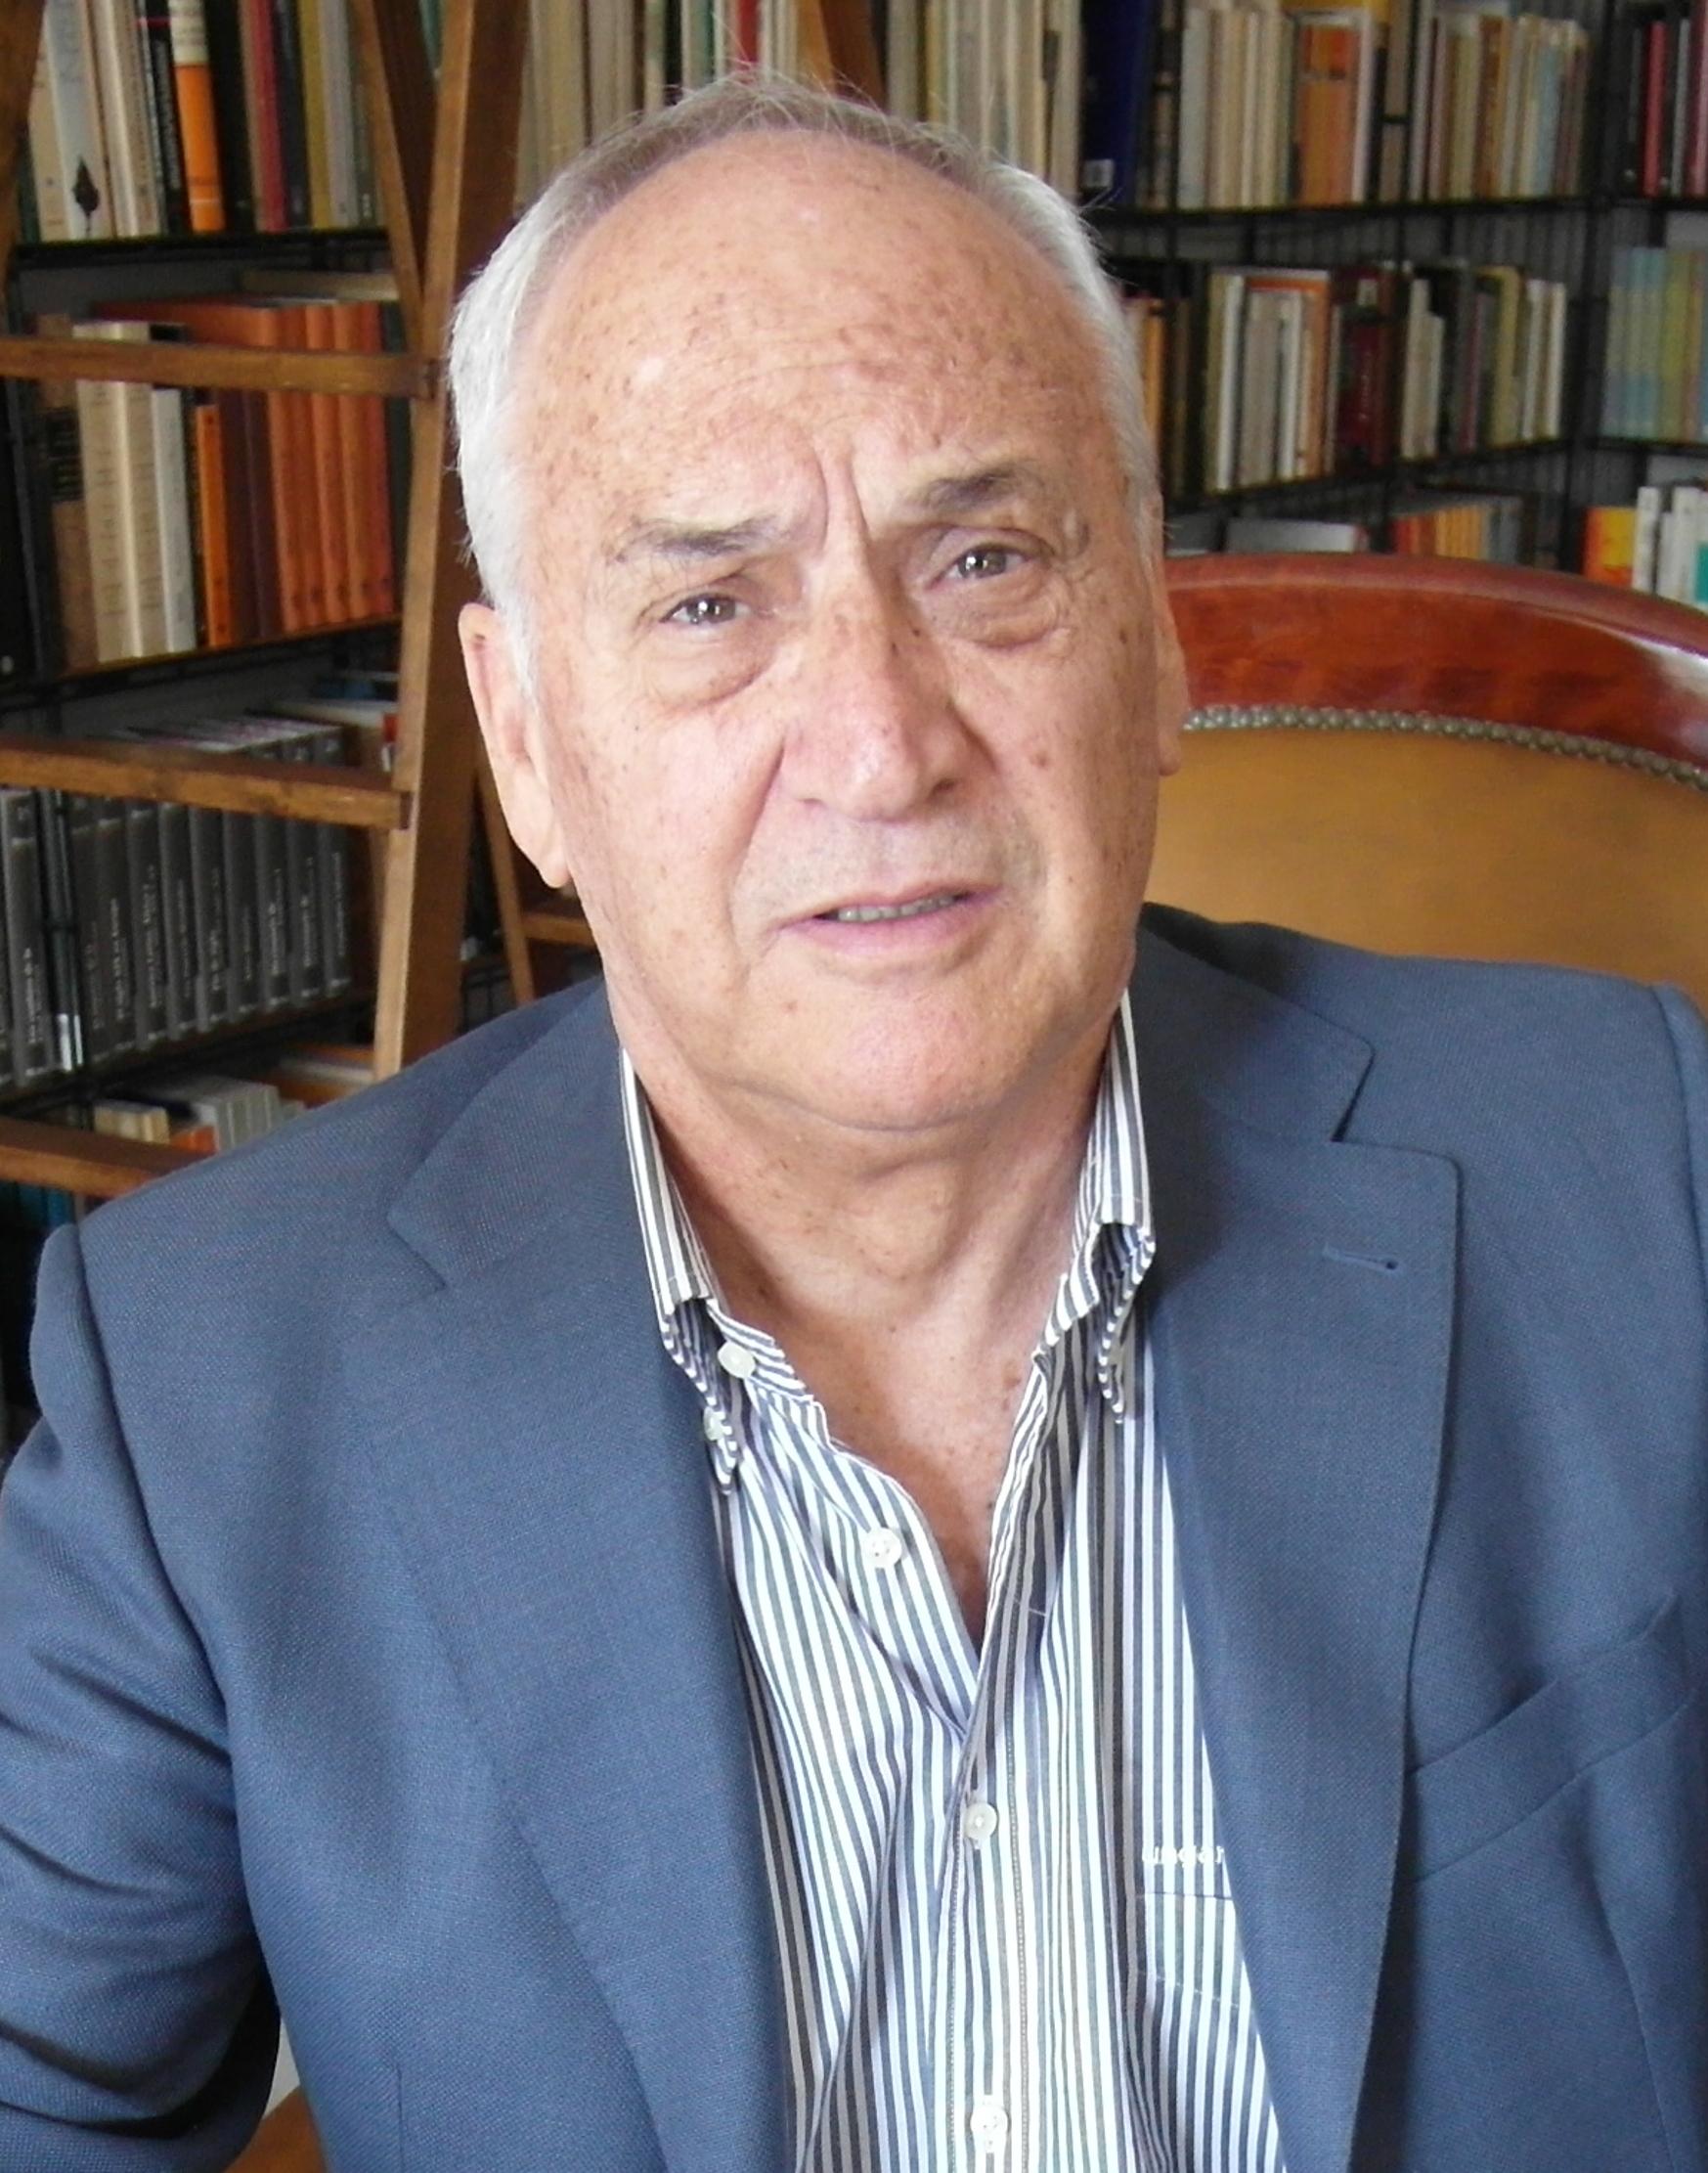 La Universidad de Granada homenajea al catedrático de Historia Moderna recientemente fallecido Manuel Barrios Aguilera